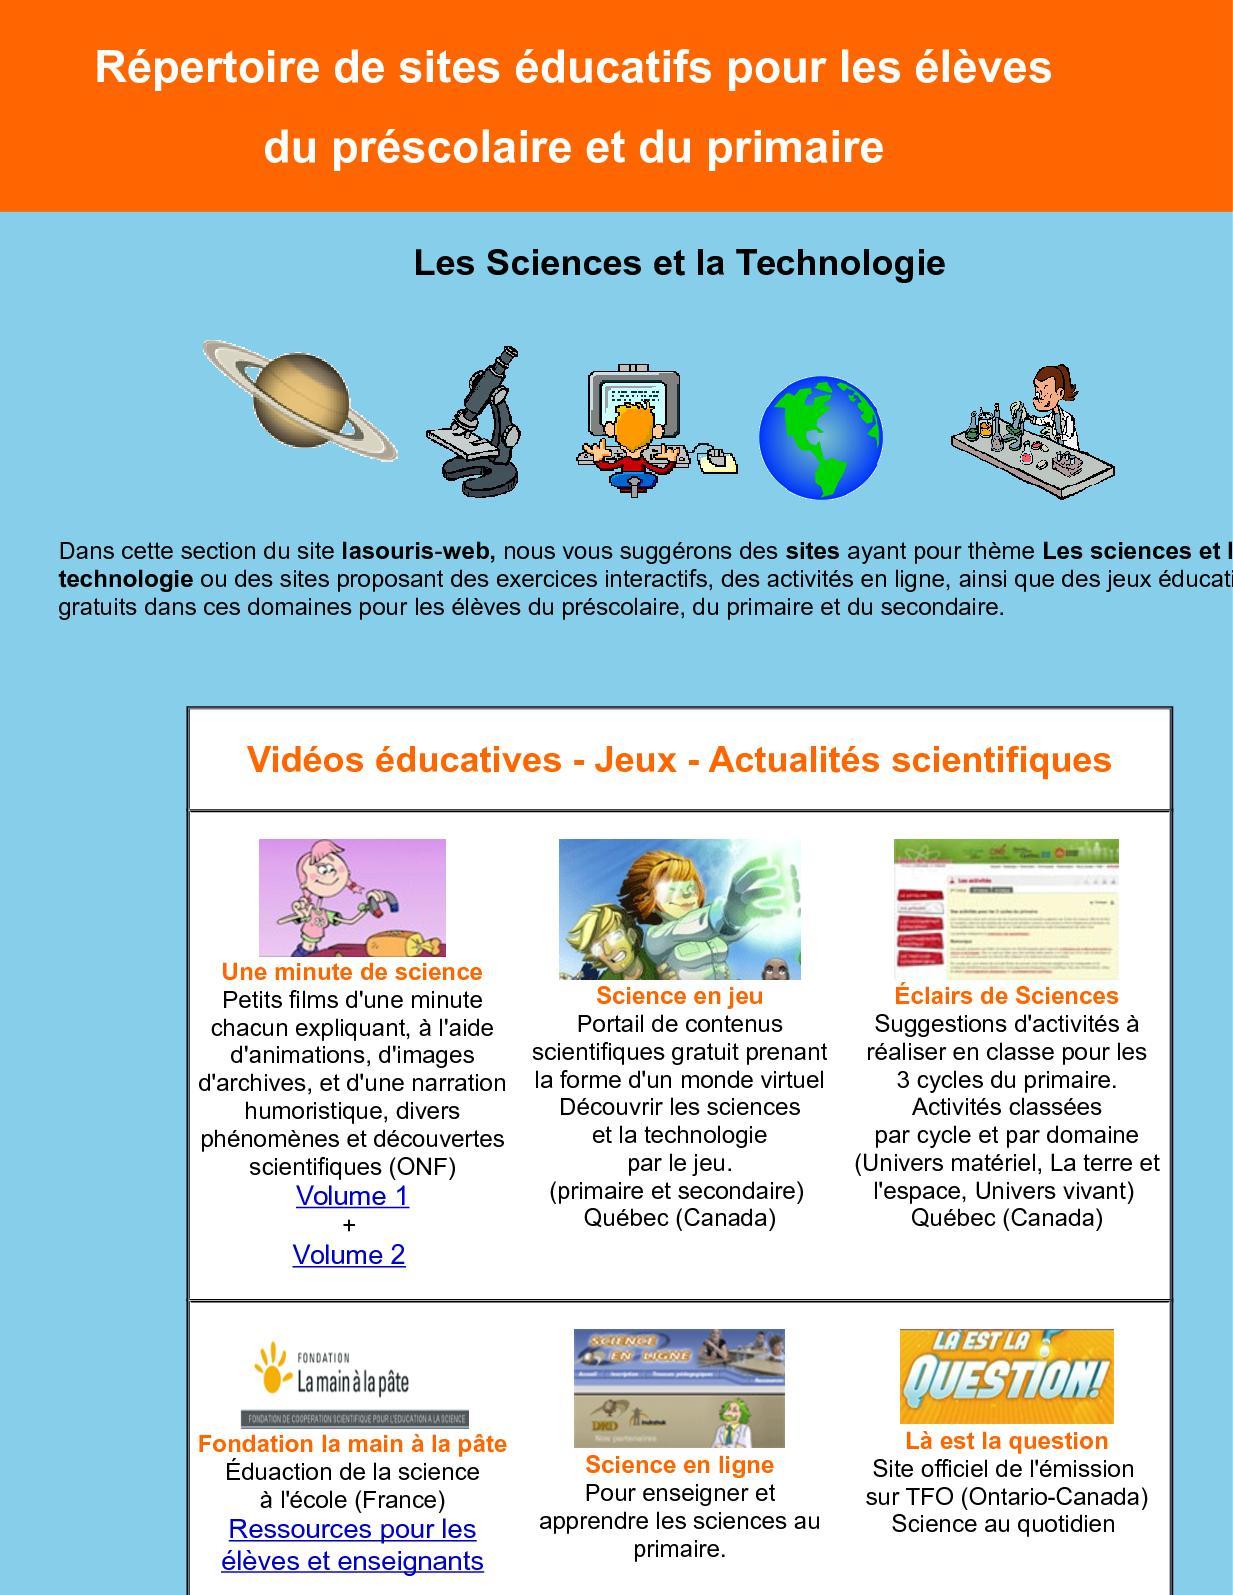 Calaméo - Répertoire De Sites Éducatifs Pour Les Élèves destiné Jeux Interactifs Primaire